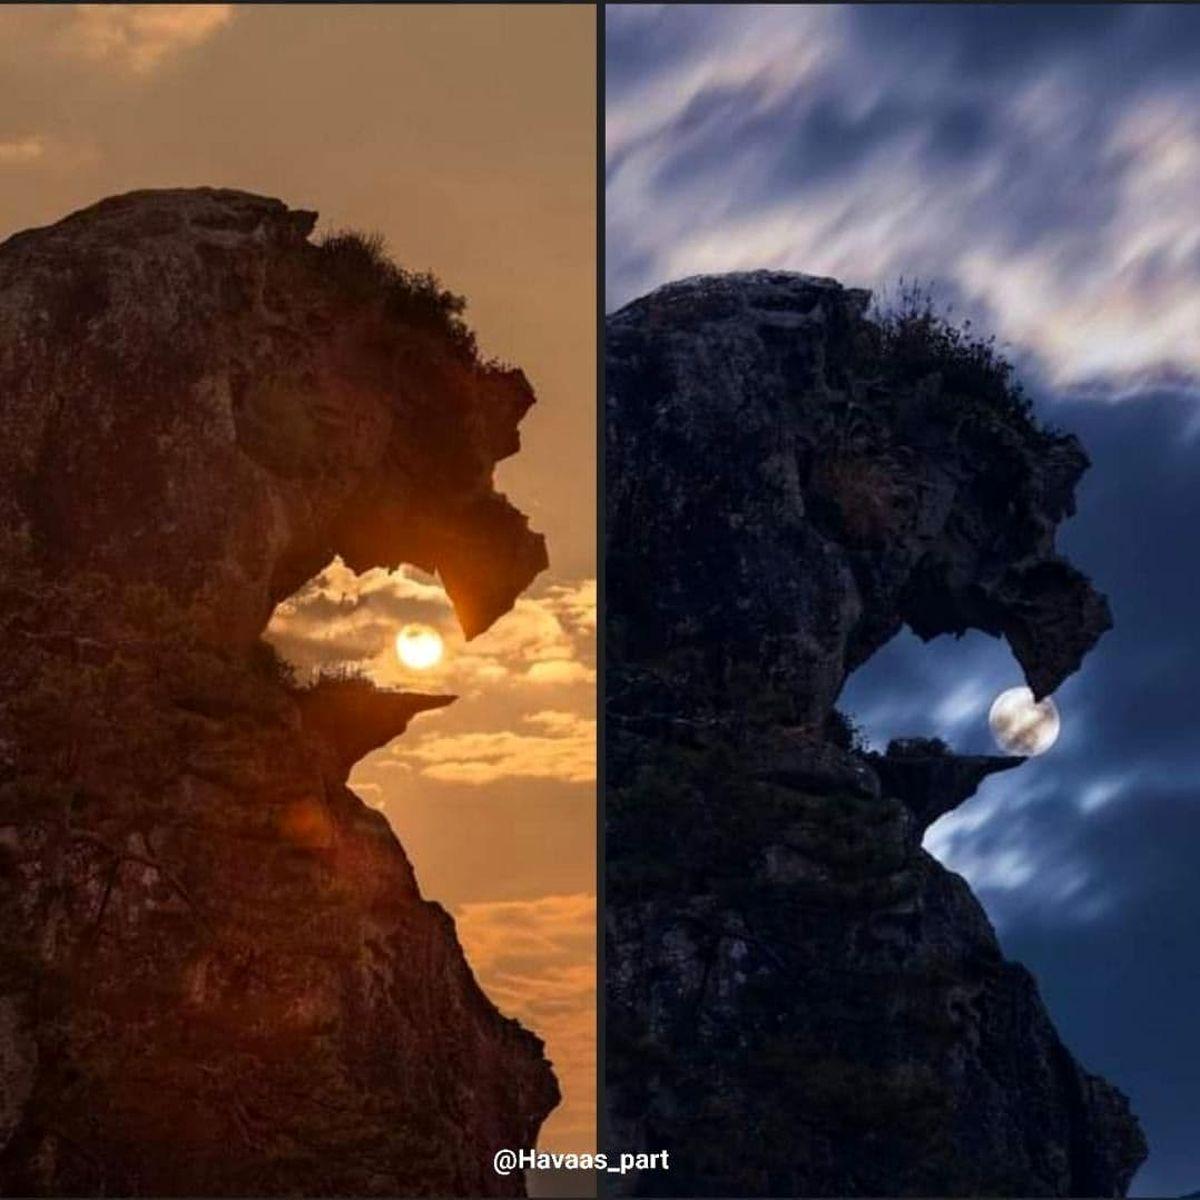 عکس دیده نشده و خفن از صخرهی شیر در ژاپن